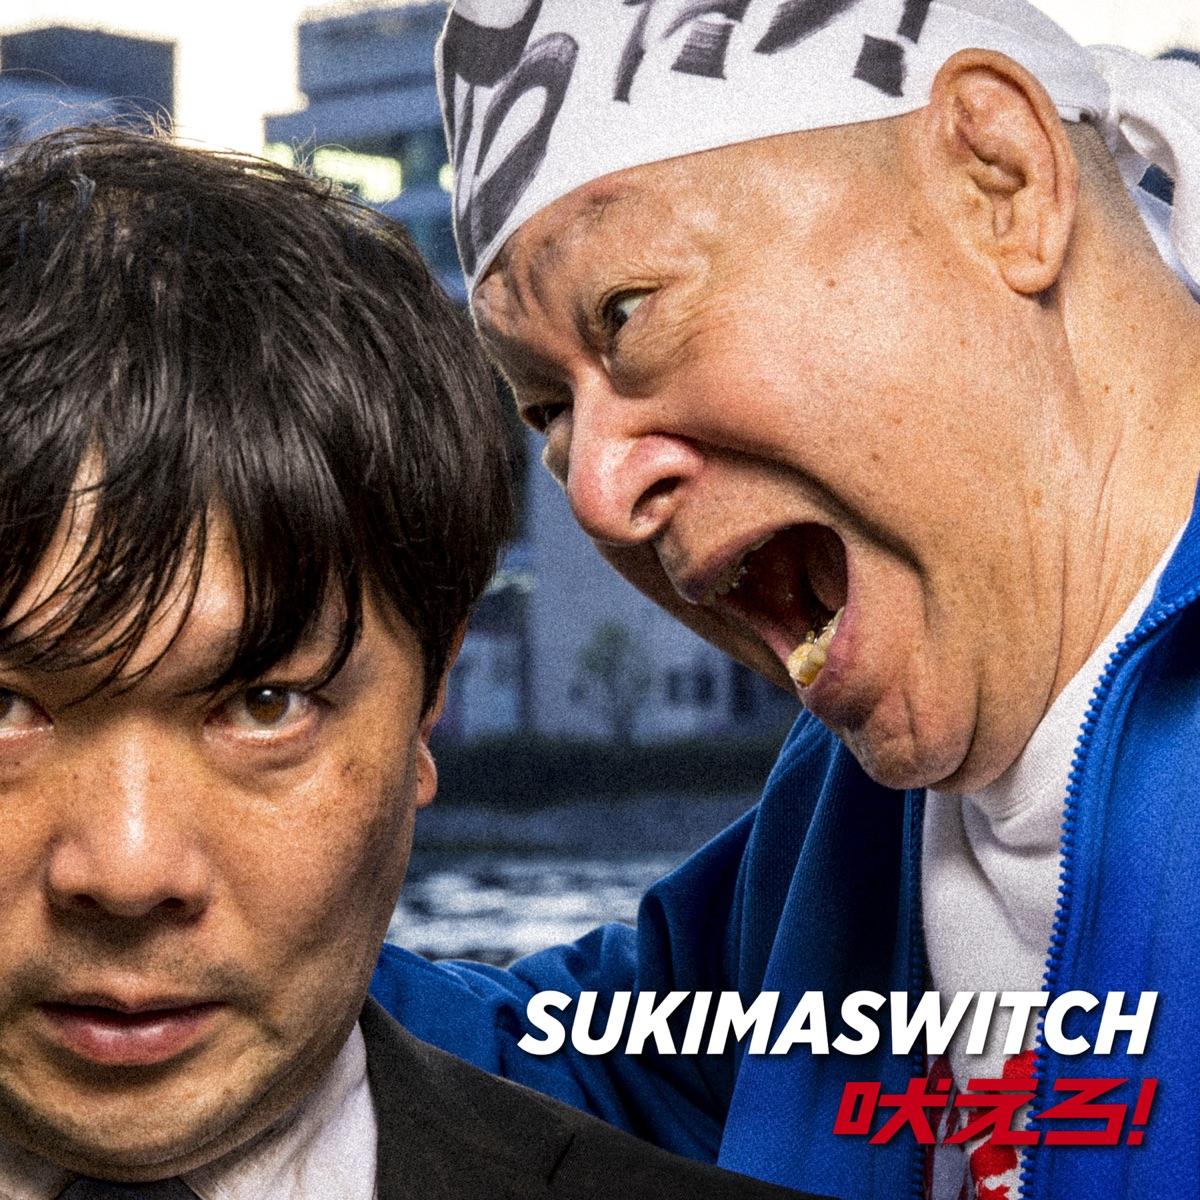 『スキマスイッチ - 吠えろ!』収録の『吠えろ!』ジャケット